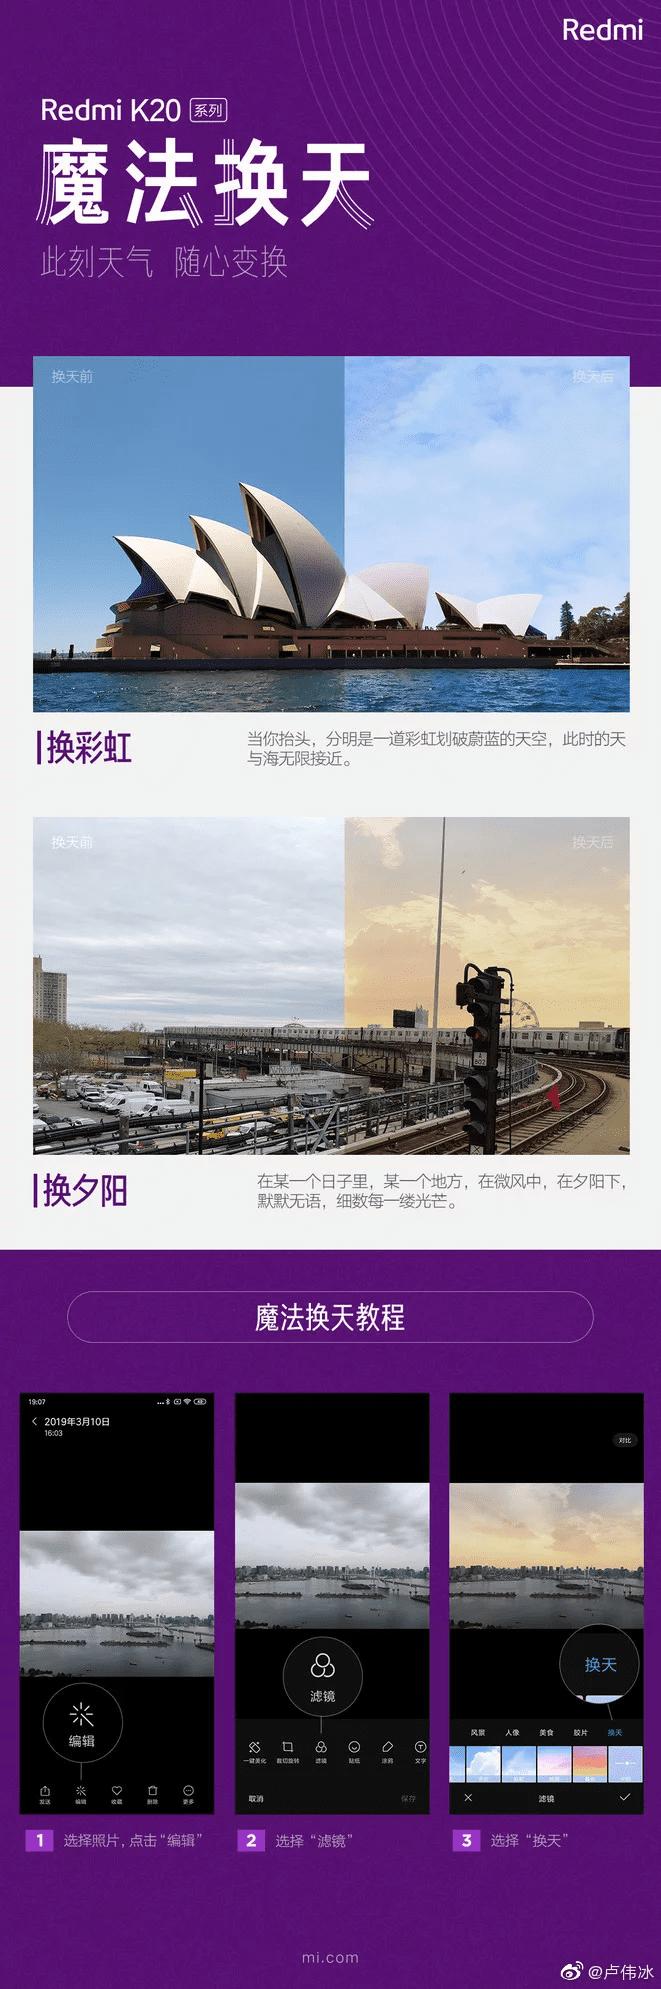 Función reemplazo de cielo de la app de galería de MIUI